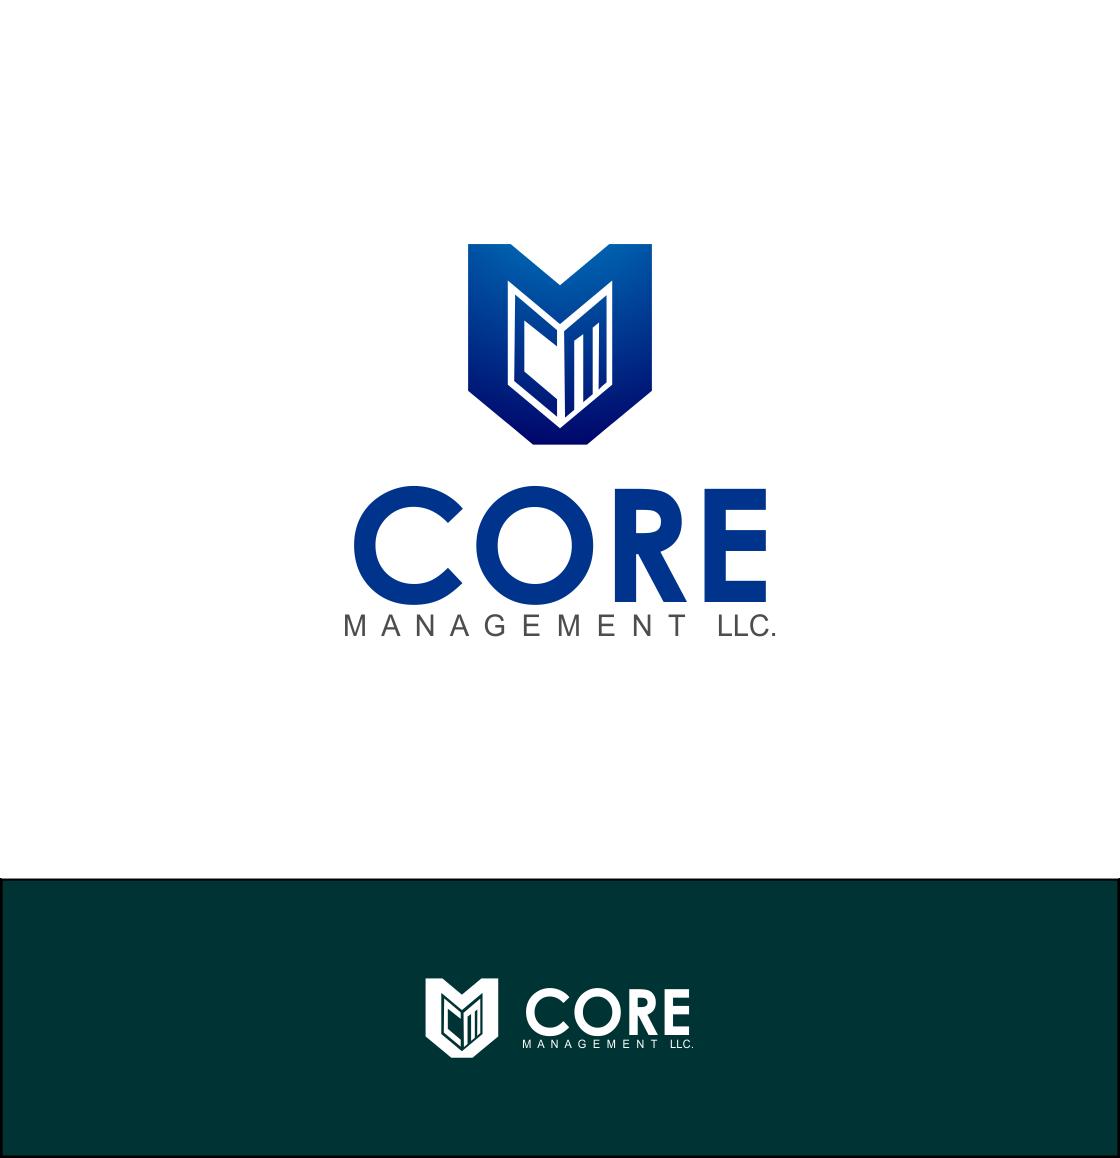 Logo Design by Agus Martoyo - Entry No. 207 in the Logo Design Contest Creative Logo Design for CORE Management, LLC.